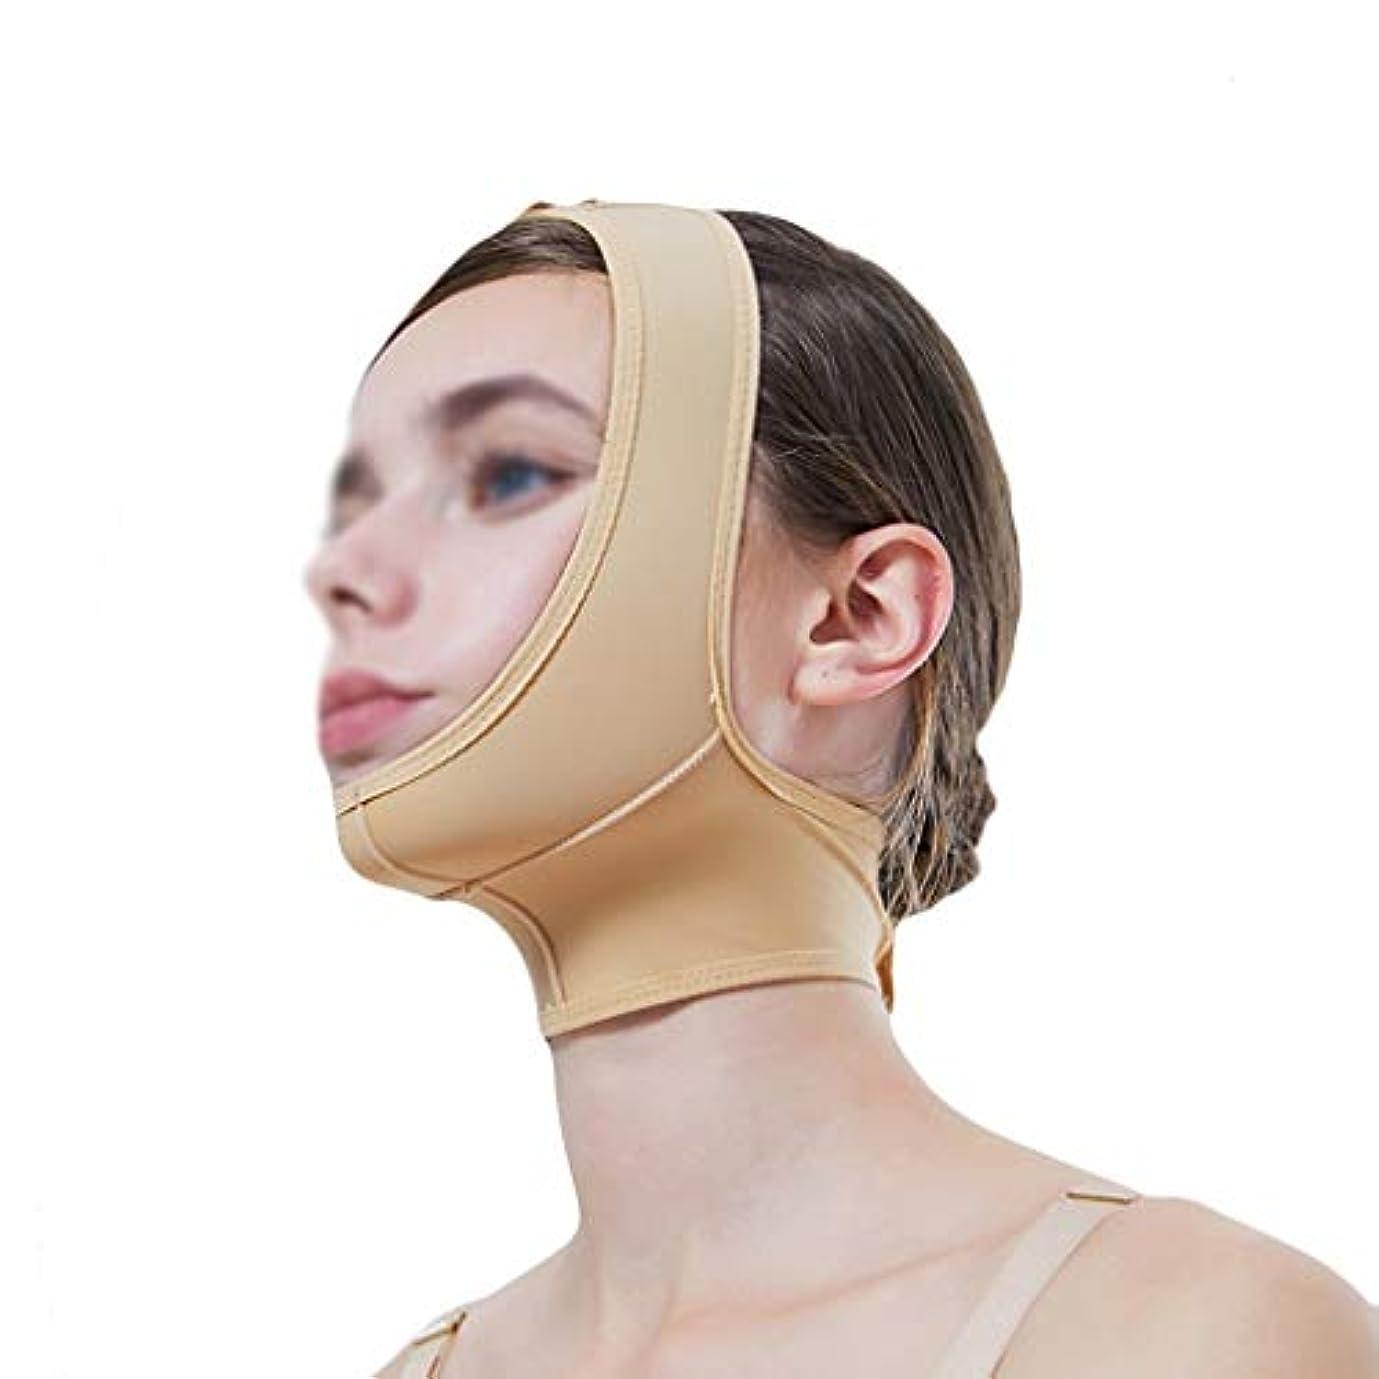 慰め西部文化XHLMRMJ マスク、超薄型ベルト、フェイスリフティングに適しています、フェイスリフティング、通気性包帯、チンリフティングベルト、超薄型ベルト、通気性 (Size : S)